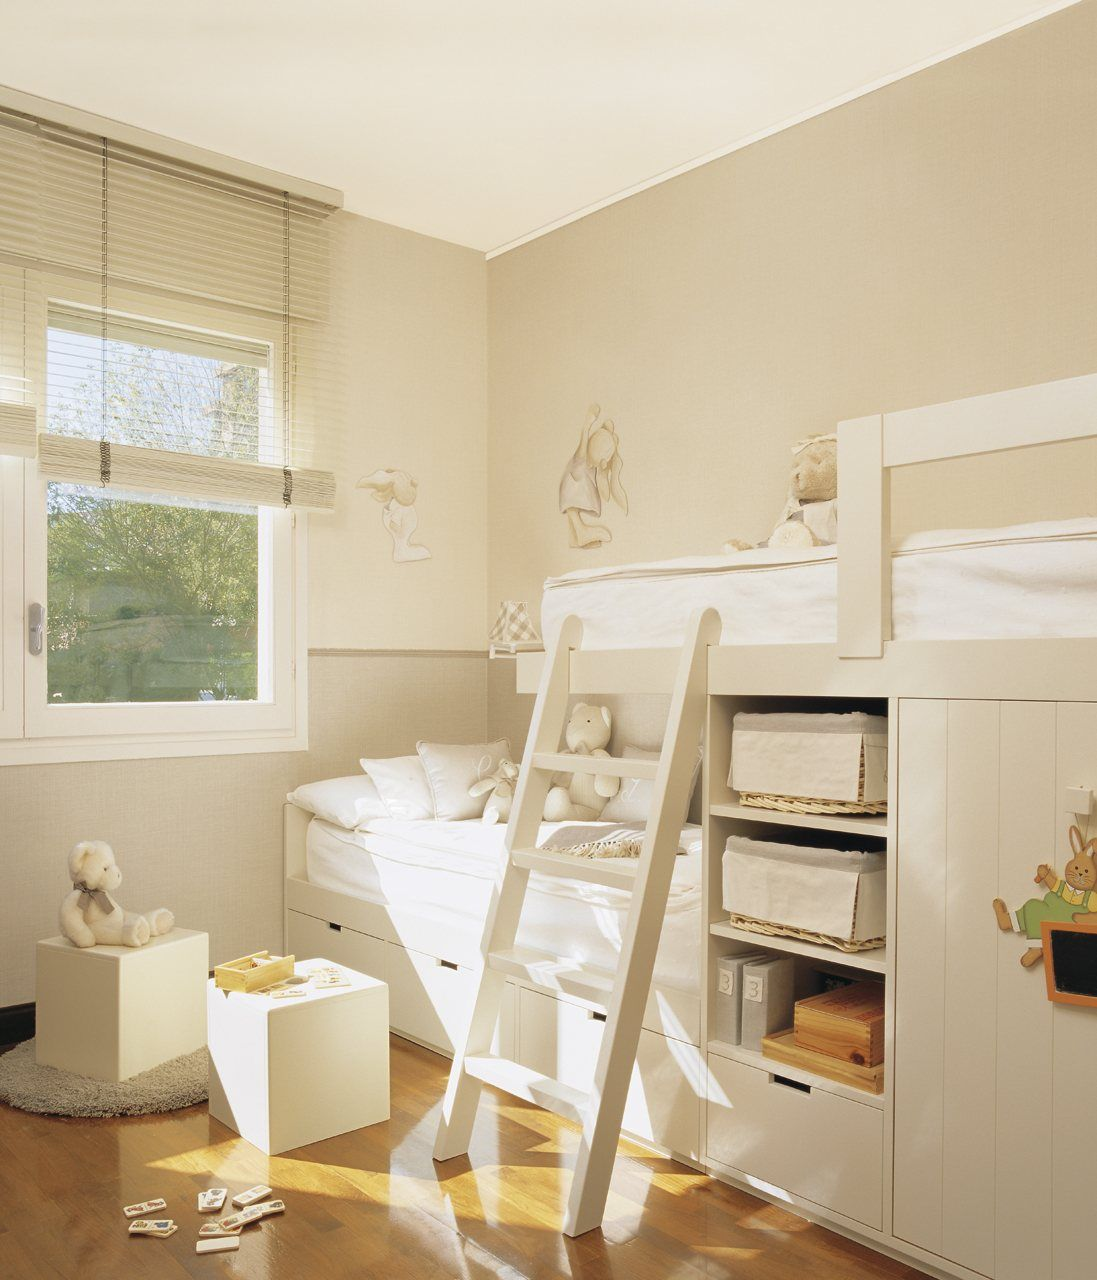 Organiza la habitaci n de los peques dormitorios for Decoracion de la habitacion de nino y nina